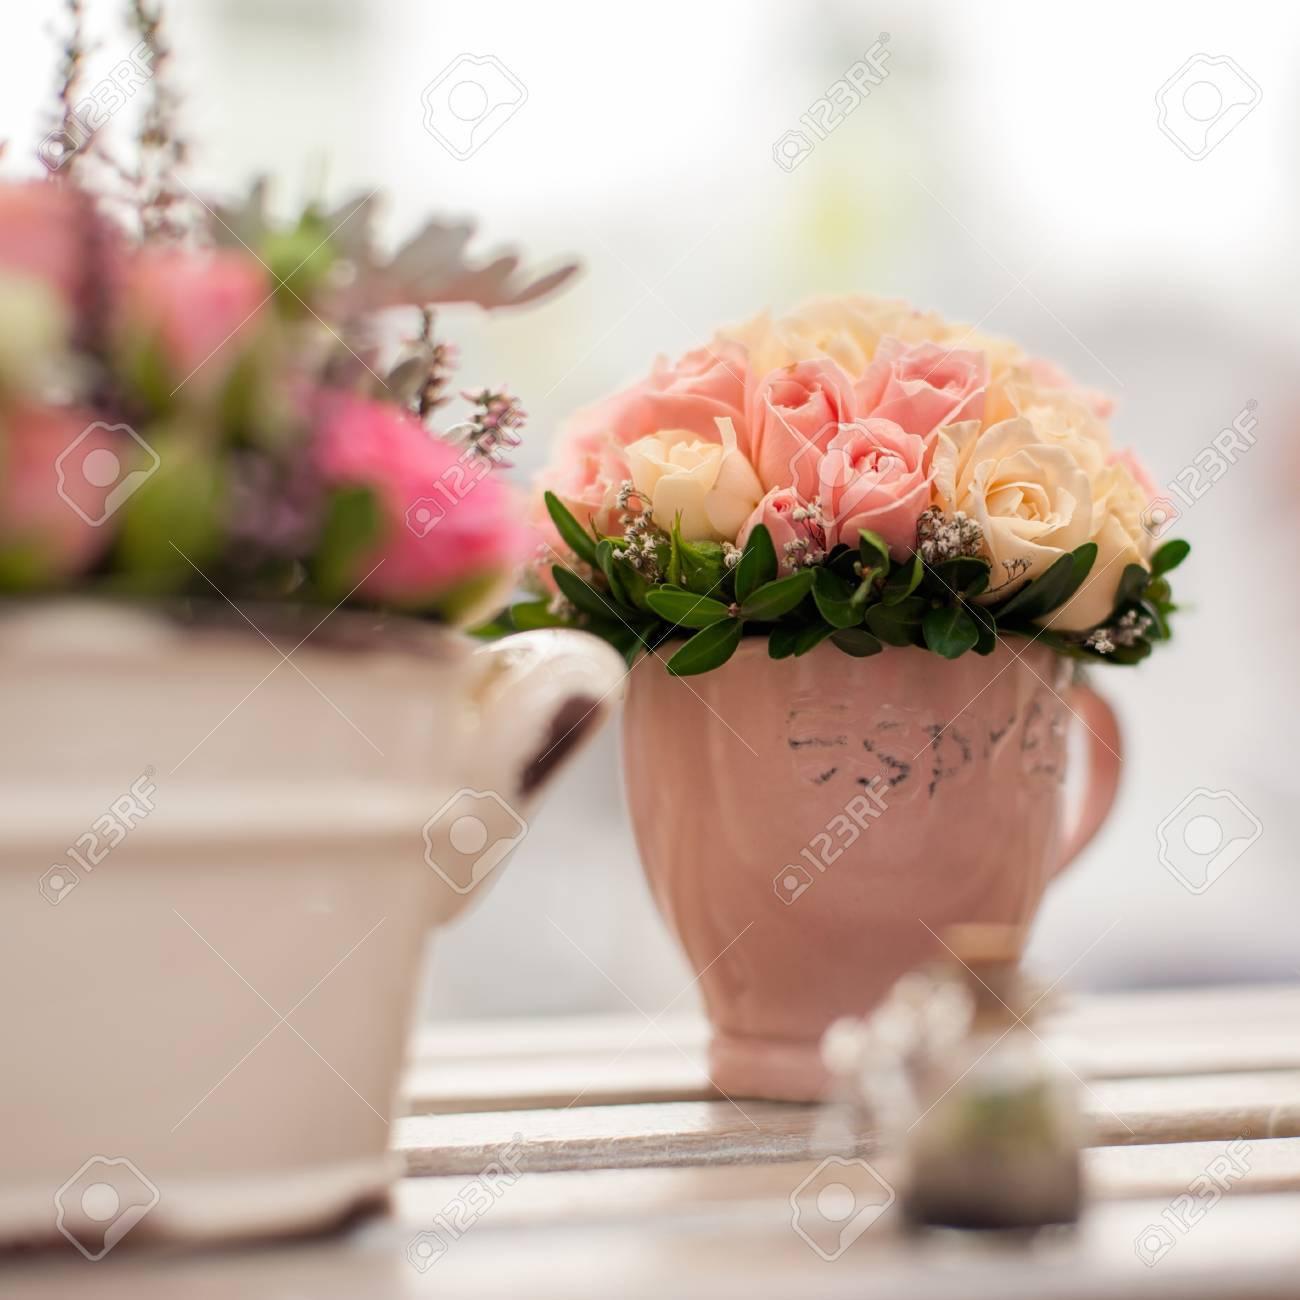 Arreglo Floral De Rosas Multicolores En La Taza Ceremonia De La Boda Primer Plano De Diseño Florístico Shallow Dof Enfoque Selectivo Composición